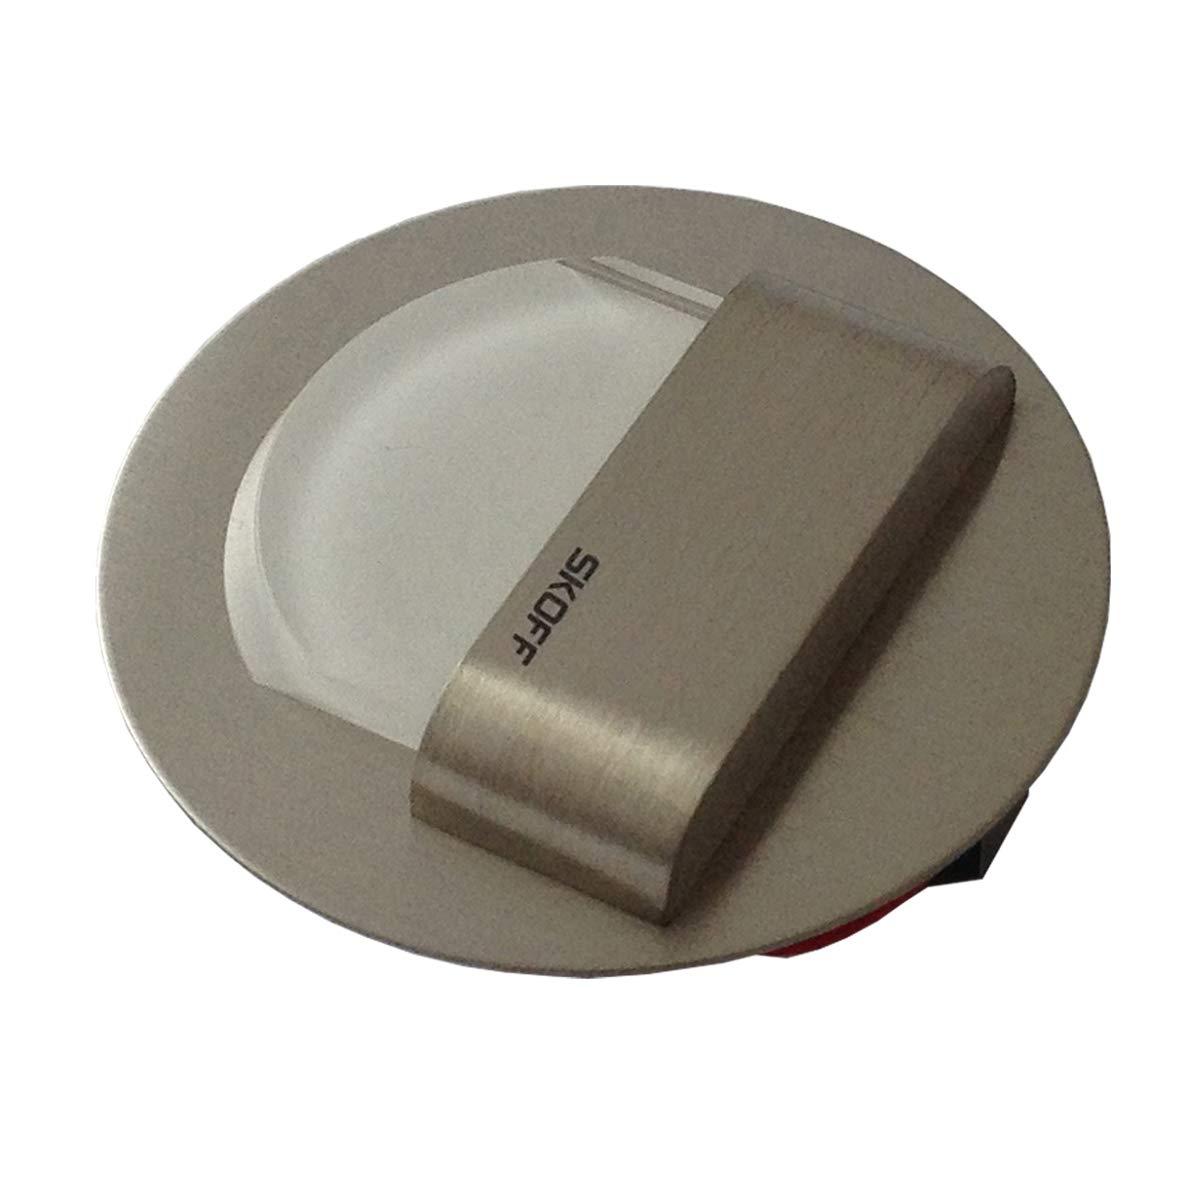 22800242 - SKOFF LED Escaleras Iluminación Juego de 2 rueda (hasta 7) Acero Inoxidable Cepillado luz Color: Blanco Cálido, 10 V 0,8 W IP20.